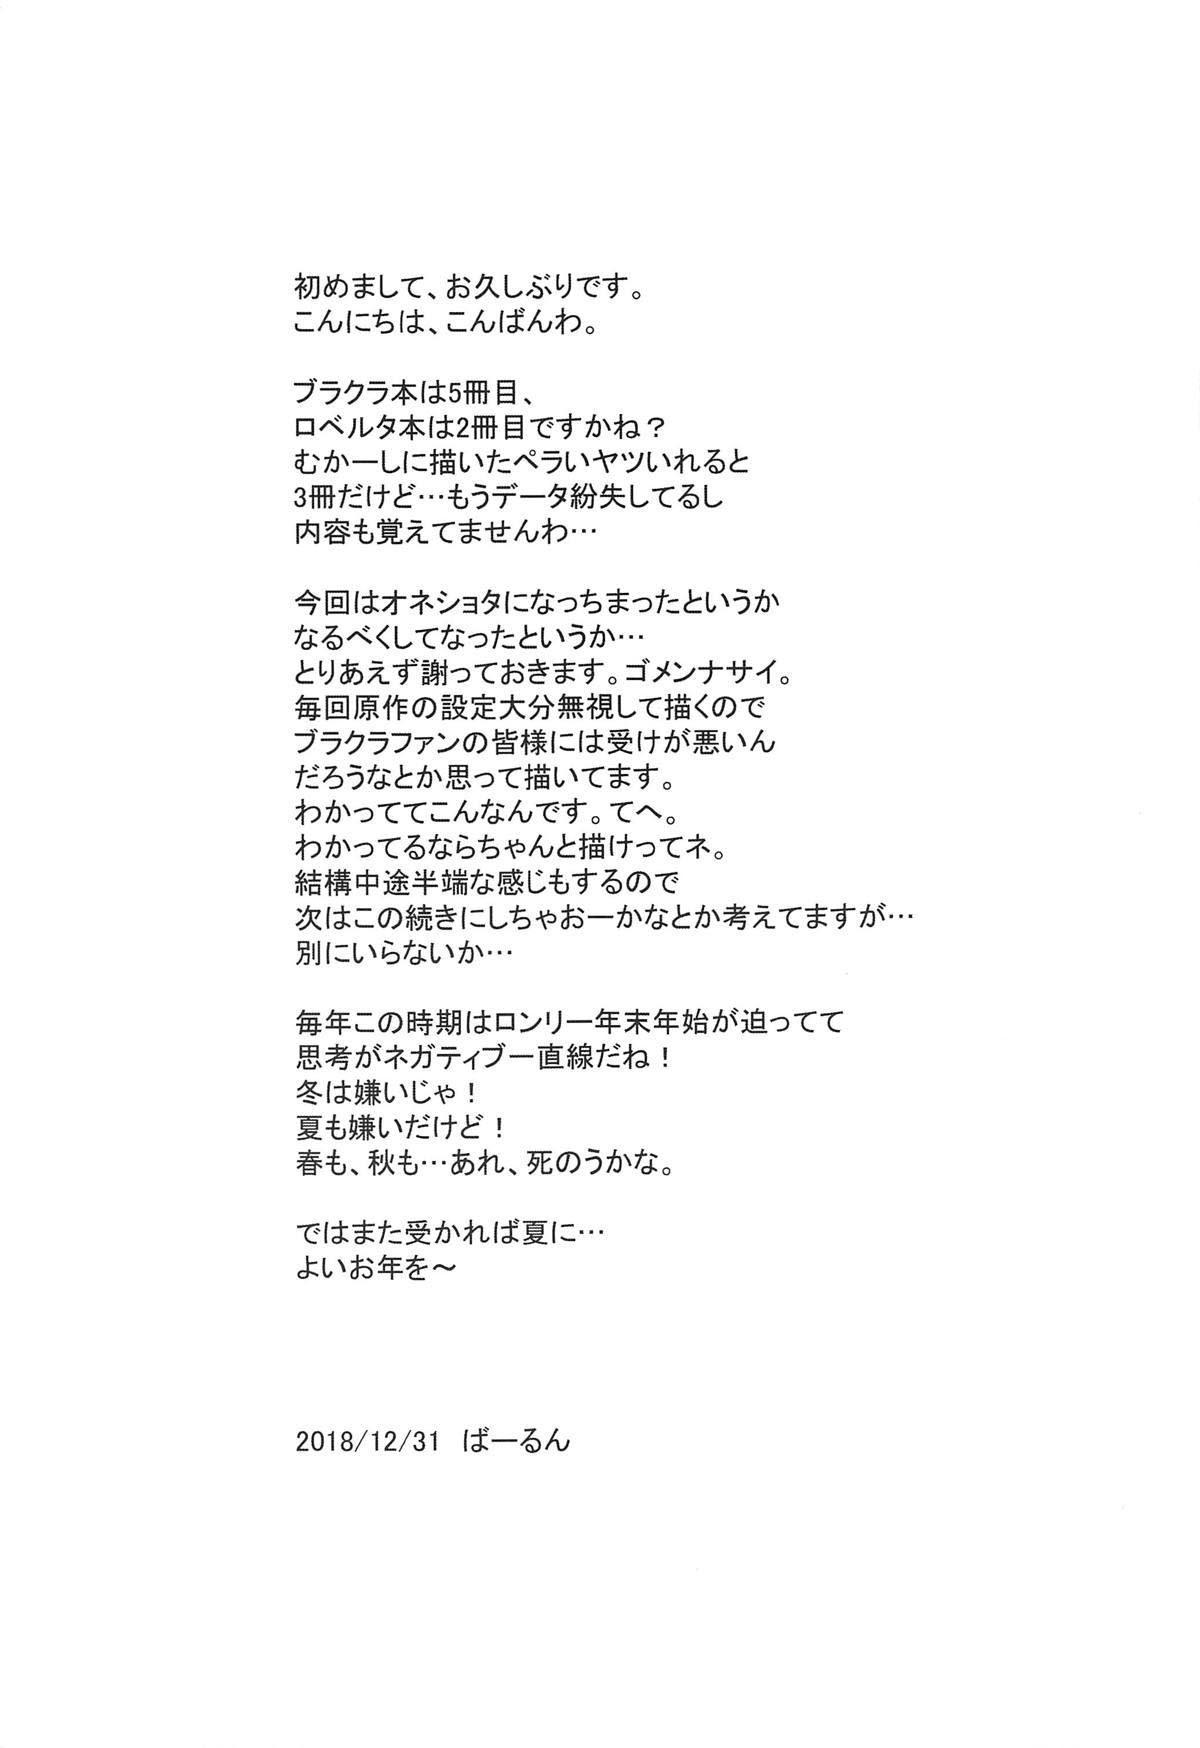 Maid no Tsutome 23